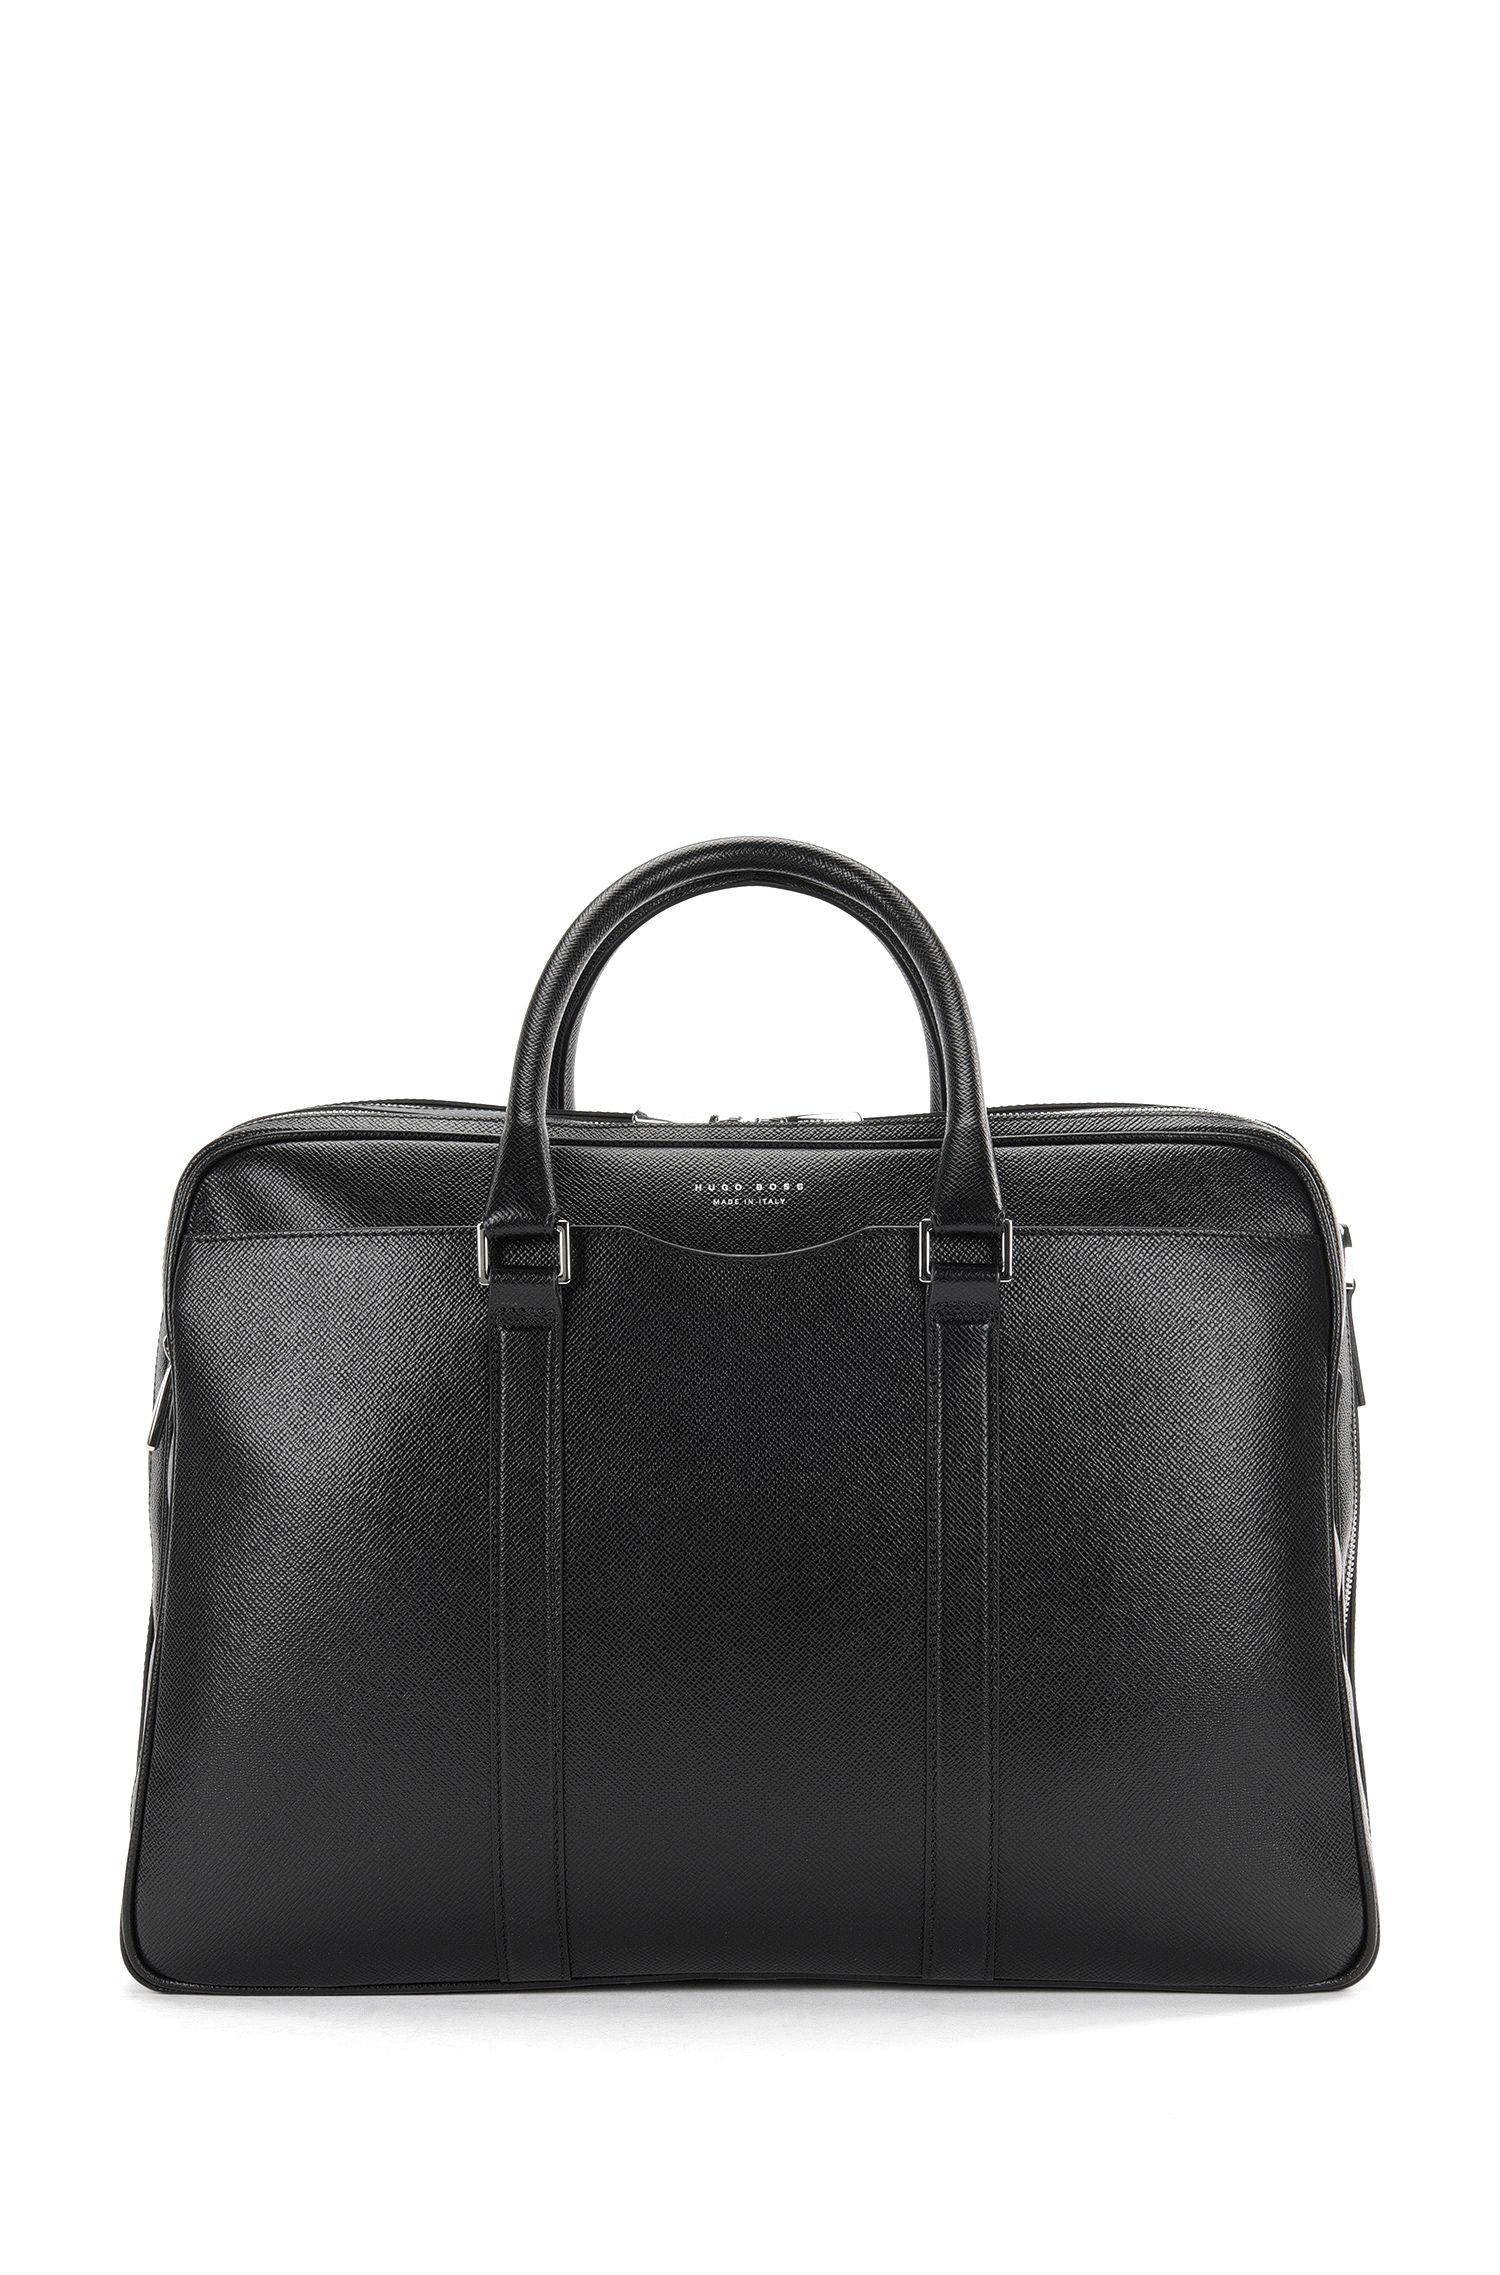 'Signature_Holdall' | Calfskin Weekender Bag, Removable Shoulder Strap